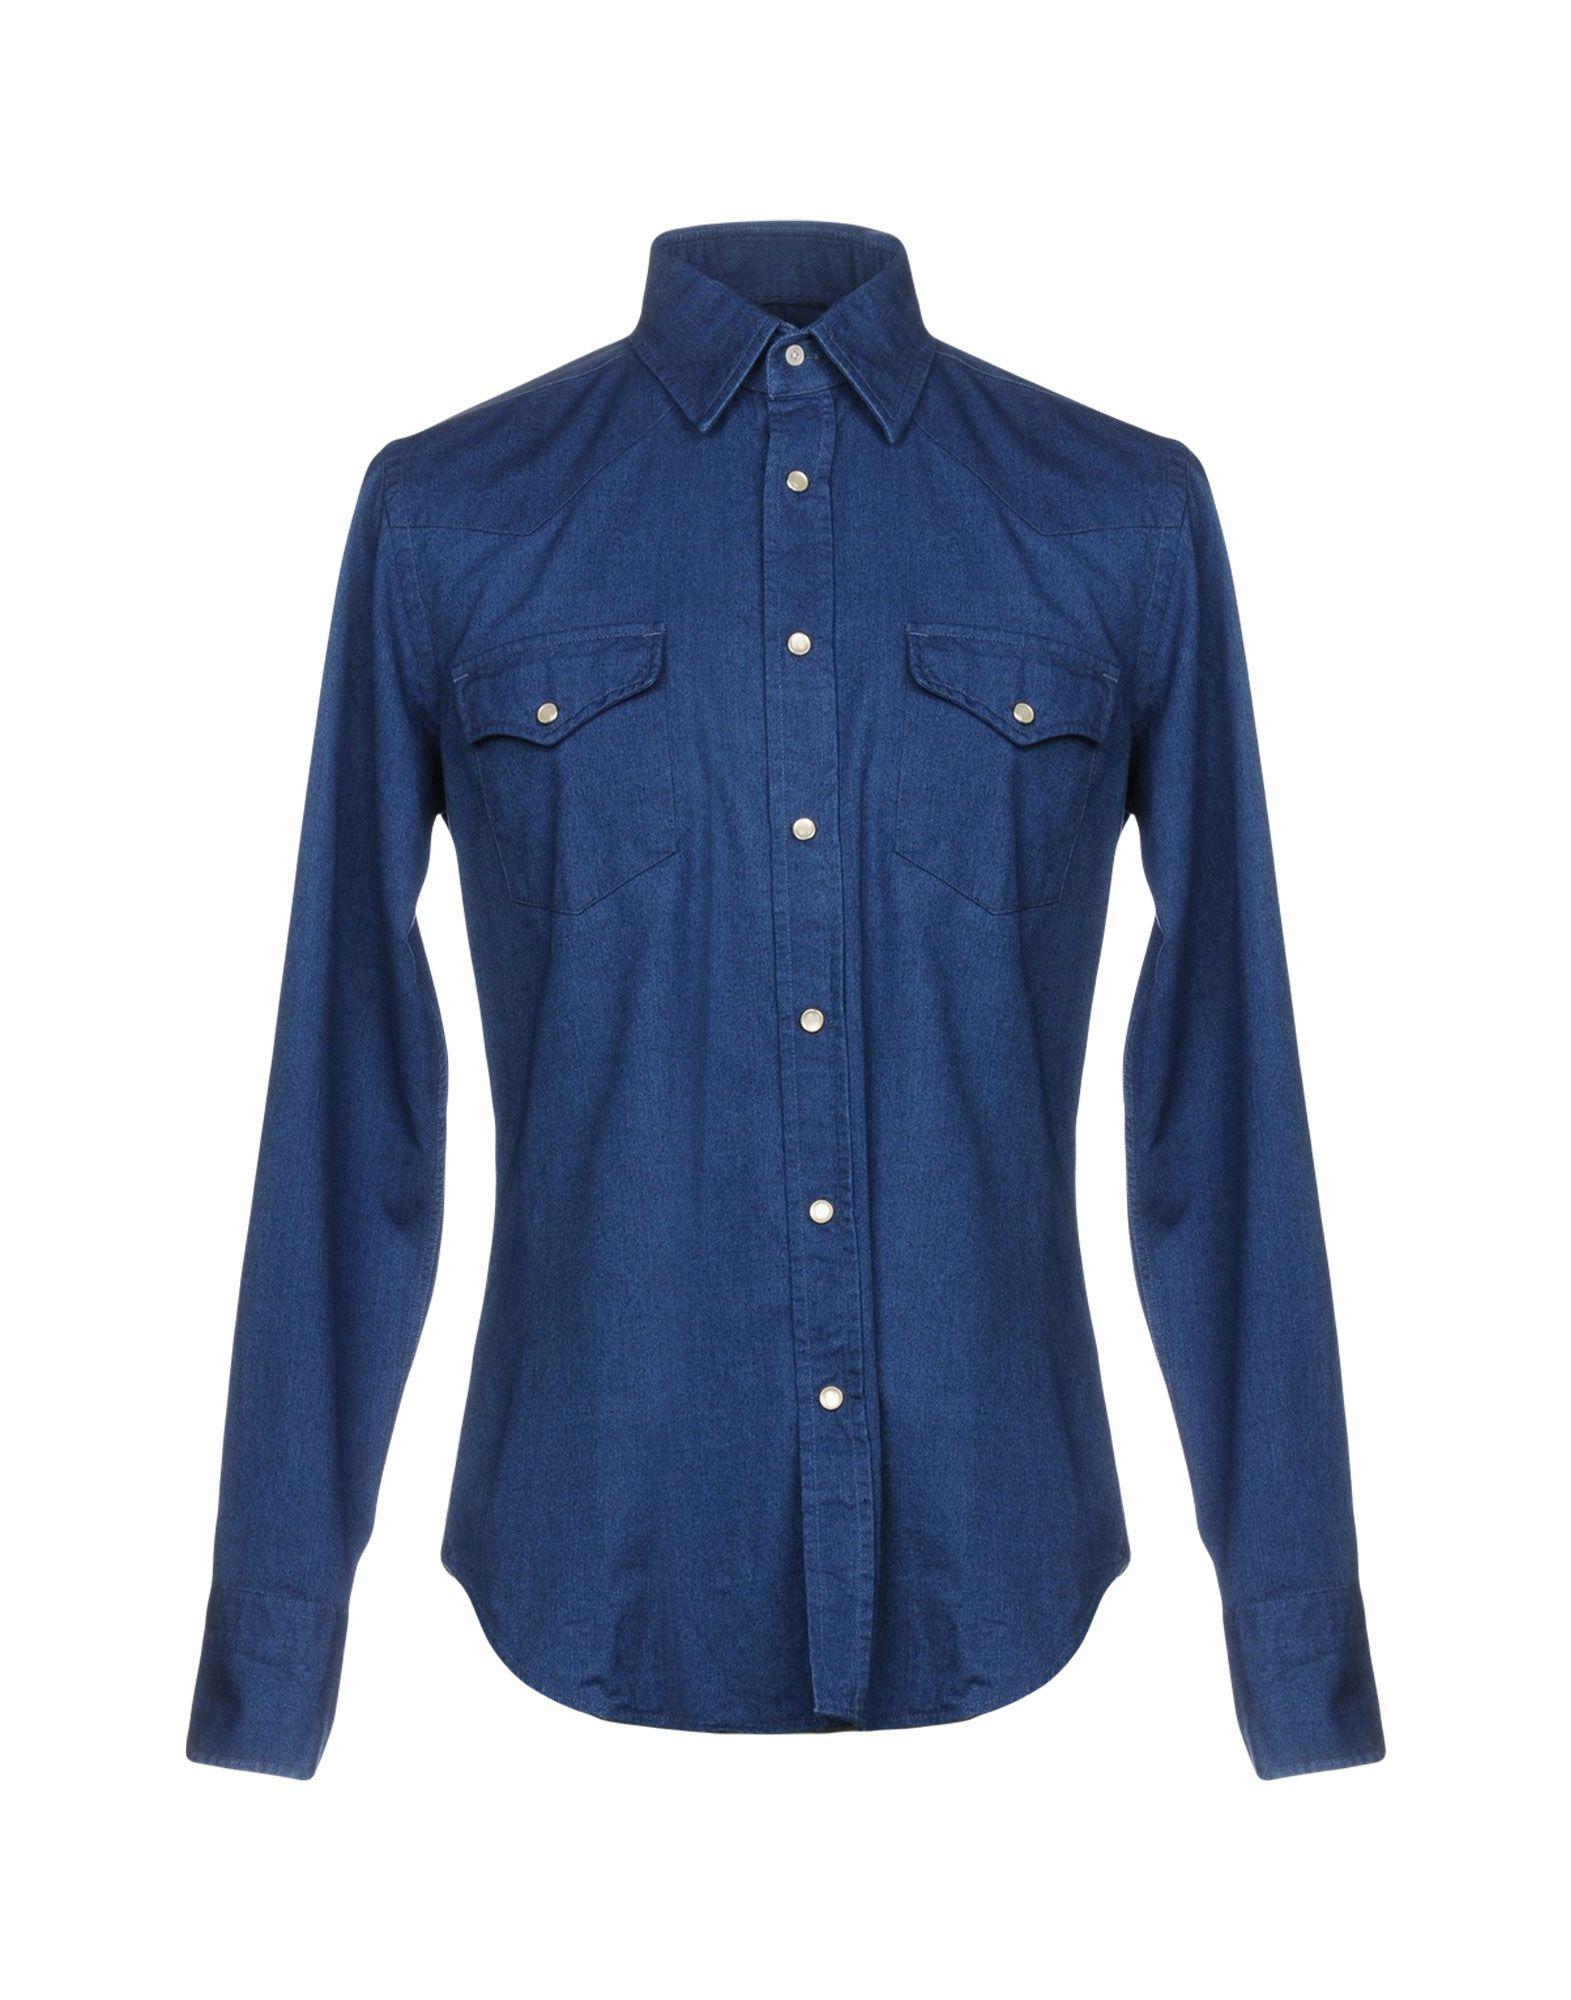 Camicia Jeans Tom Ford Uomo - Acquista online su